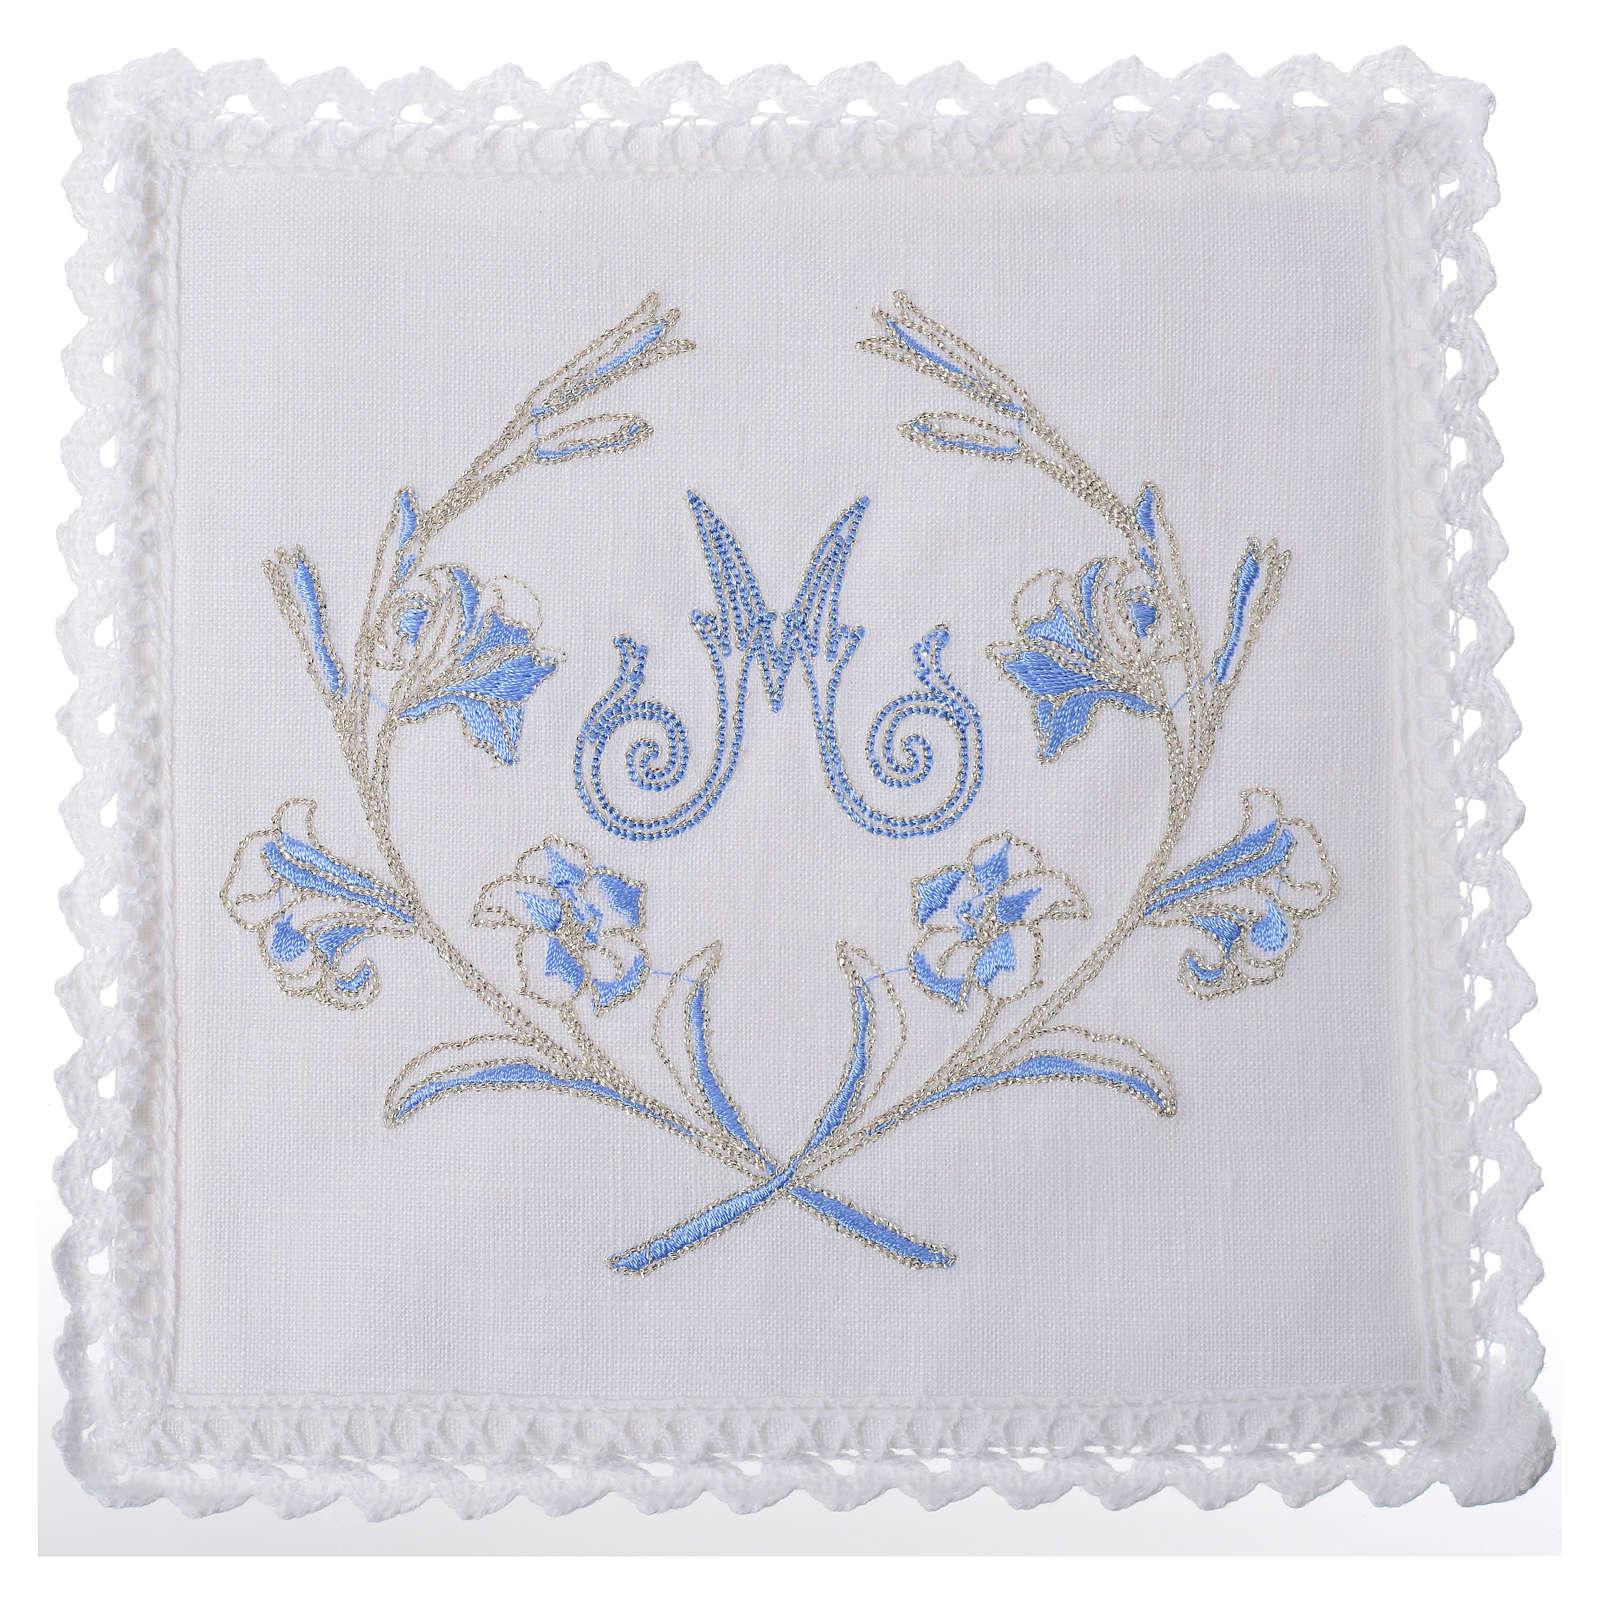 Servizio da altare 100% lino simbolo mariano con decori 4